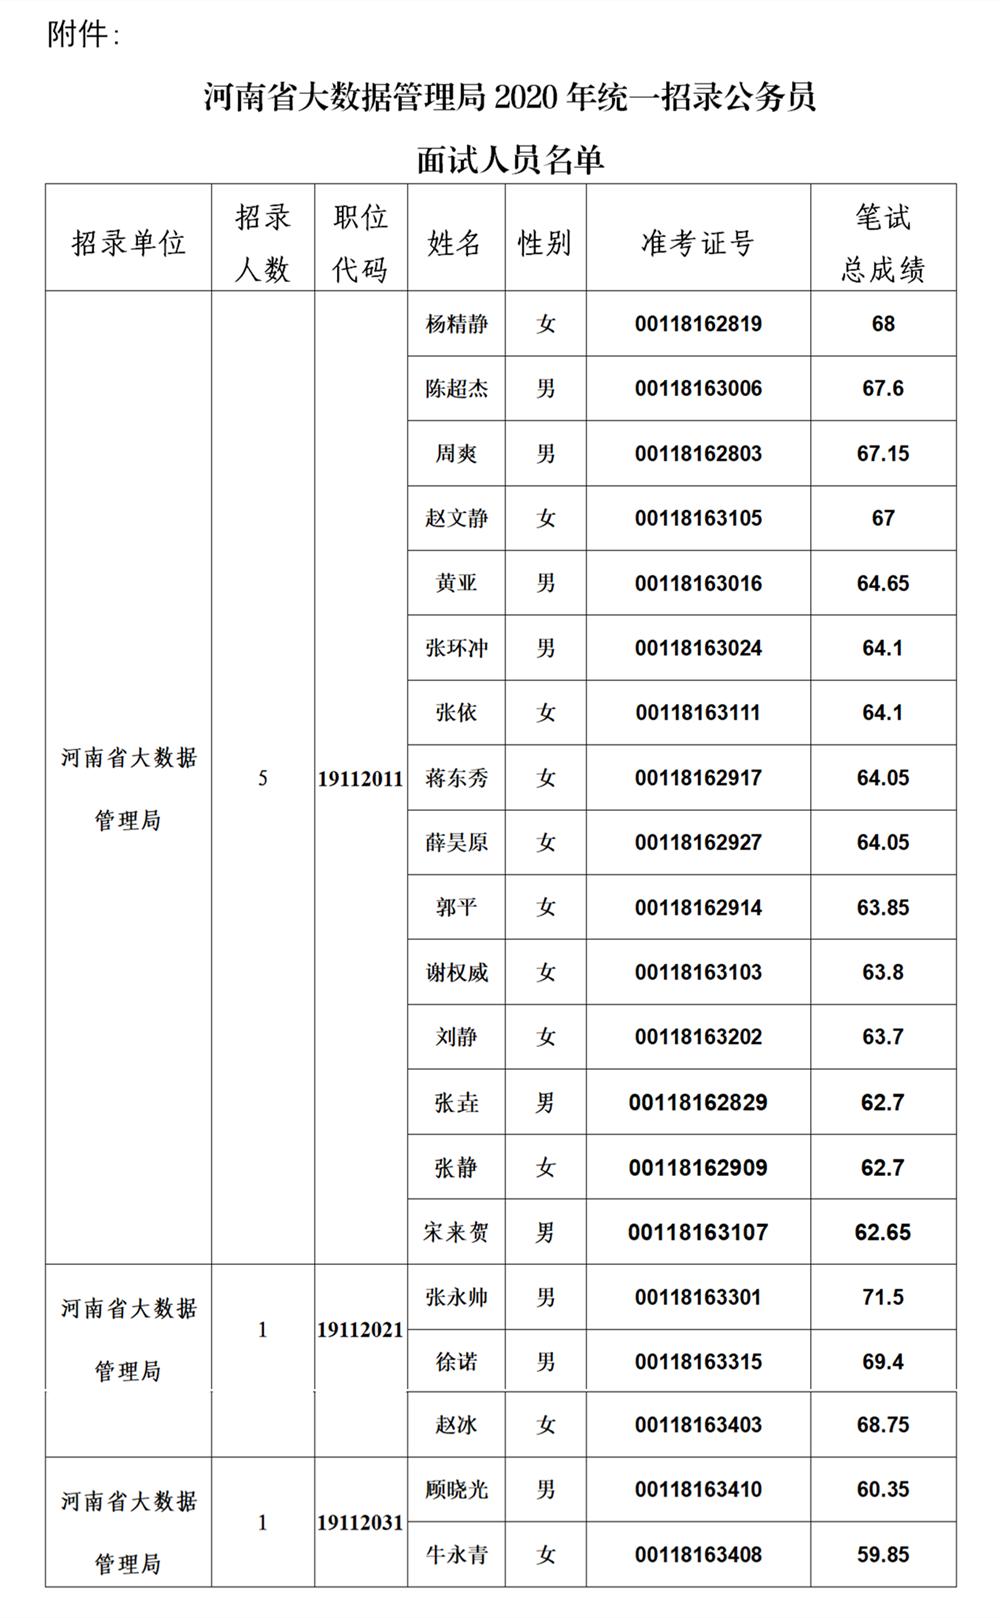 河南省大数据管理局2020年统一招录公务员面试公告